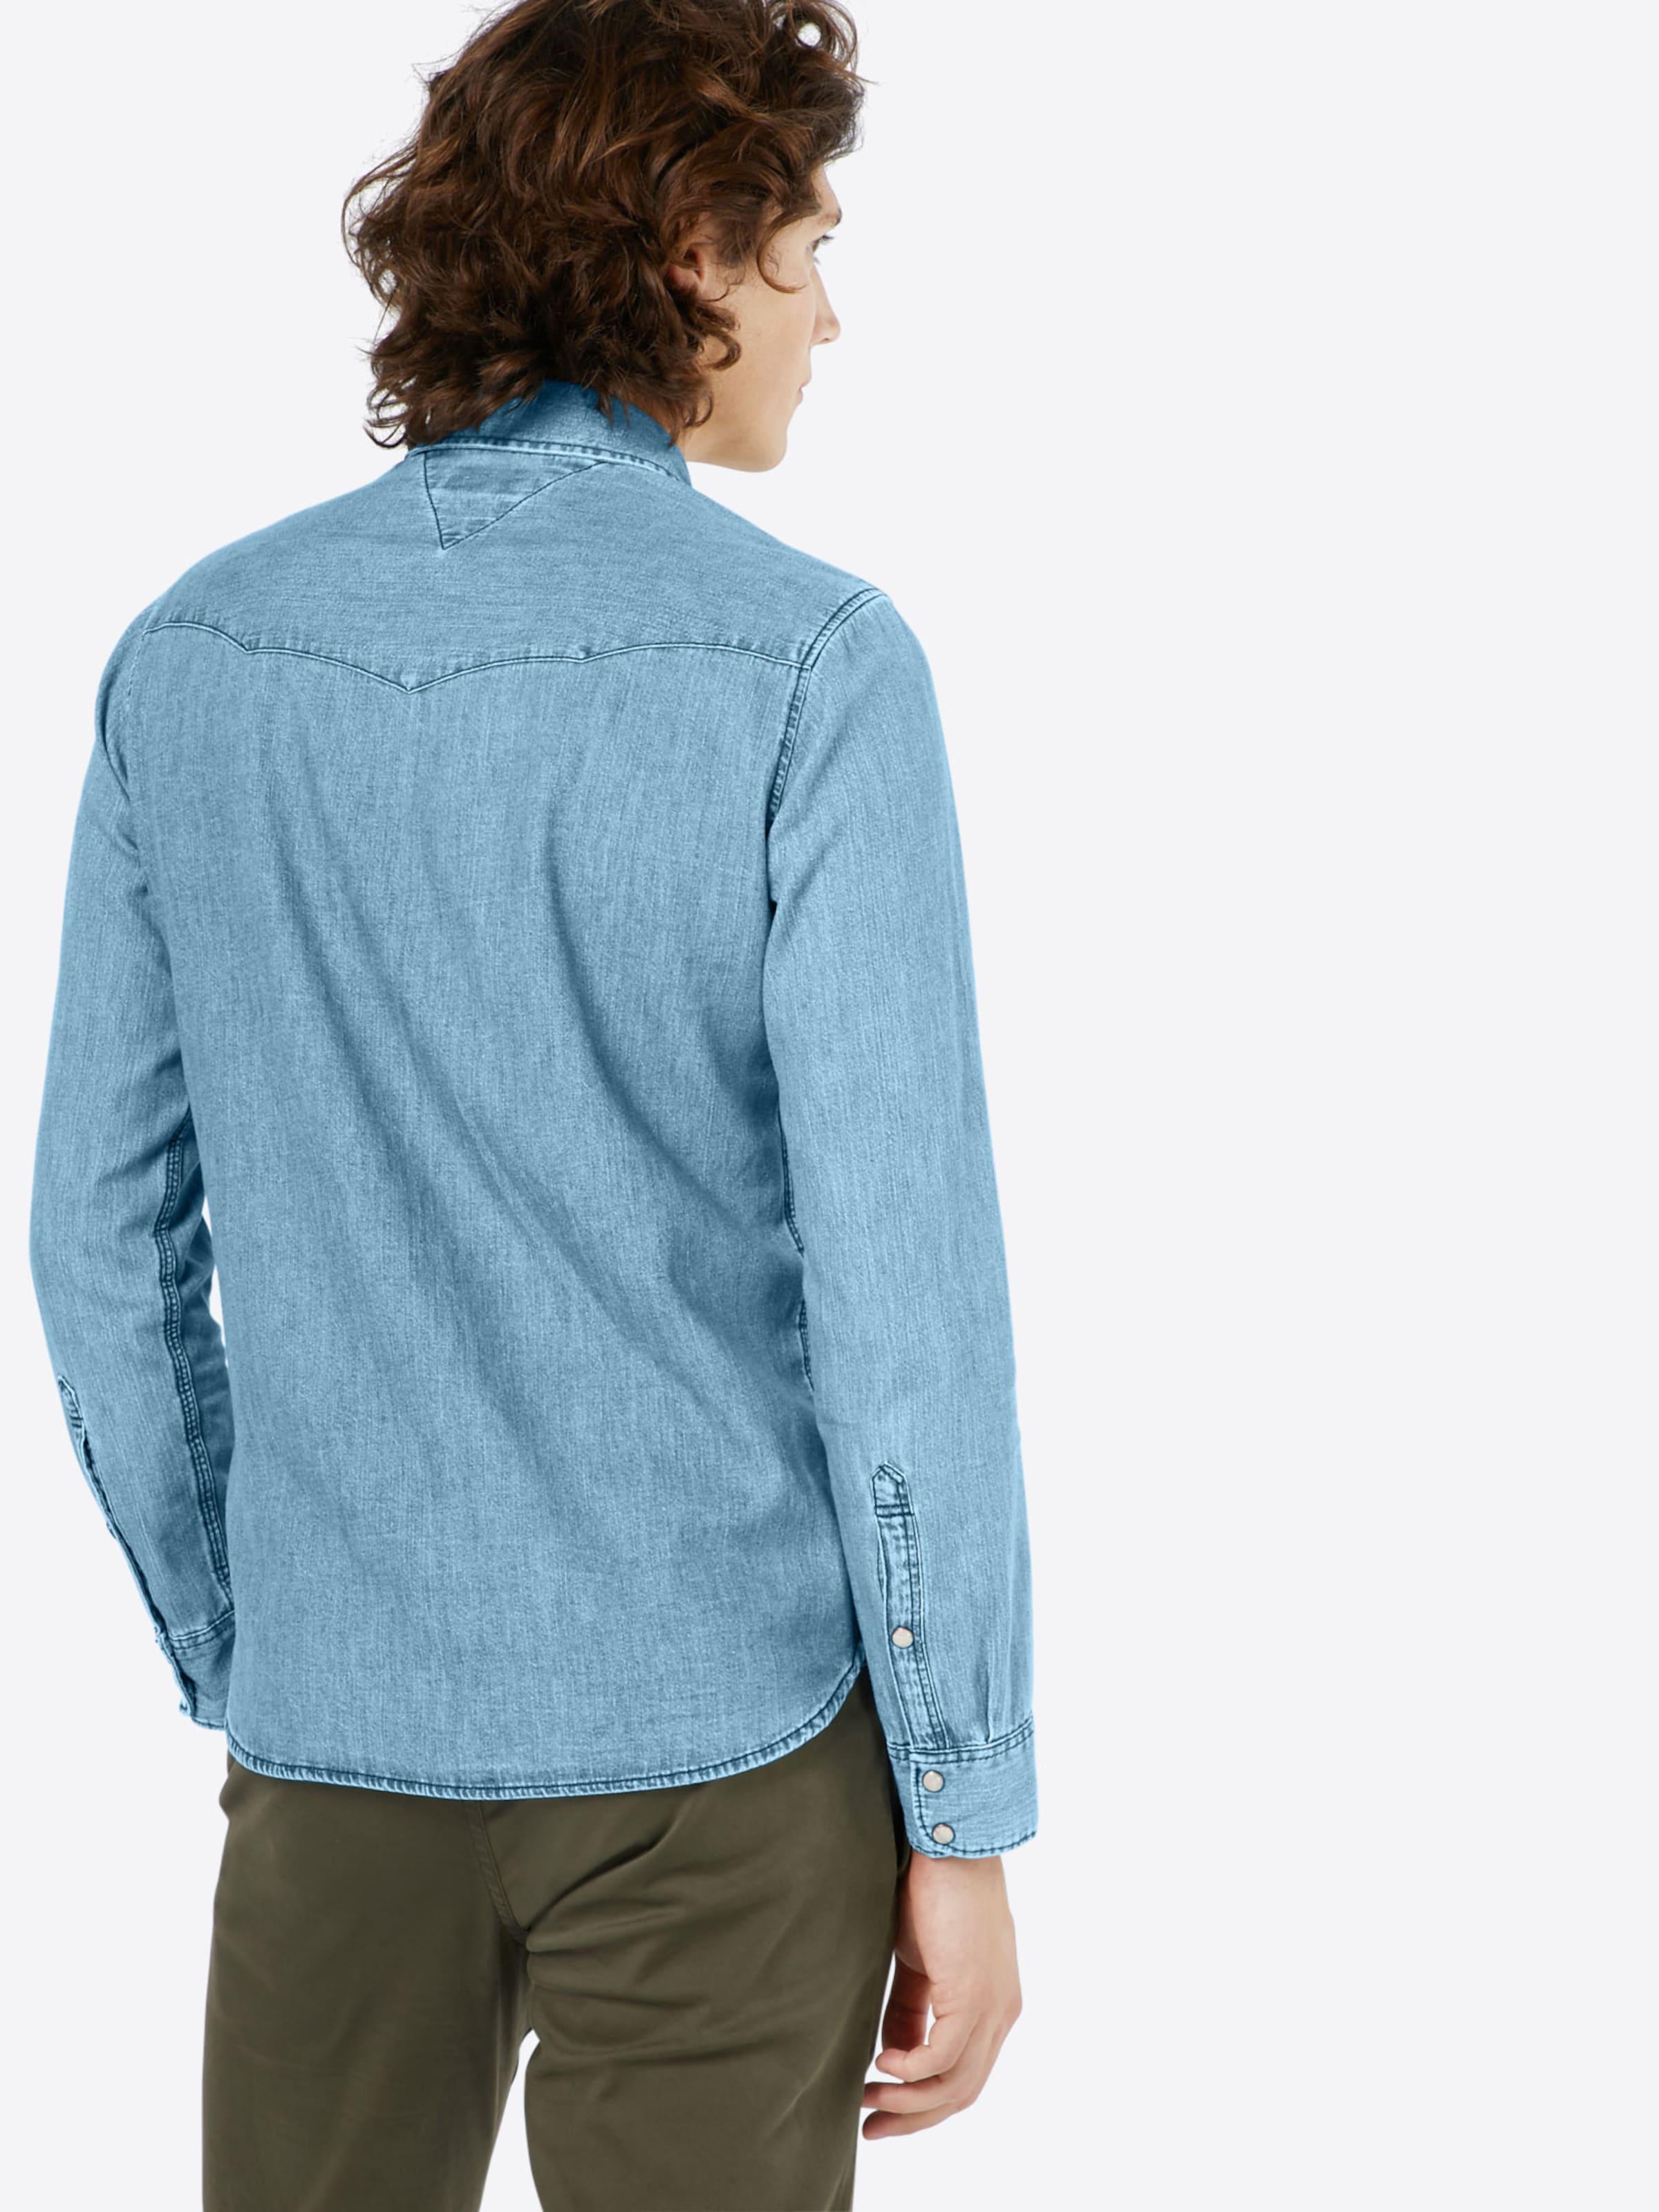 Spielraum Neu Tommy Jeans Hemd 'THDM BASIC REG DENIM' 2018 Unisex Günstiger Preis br1SrDm